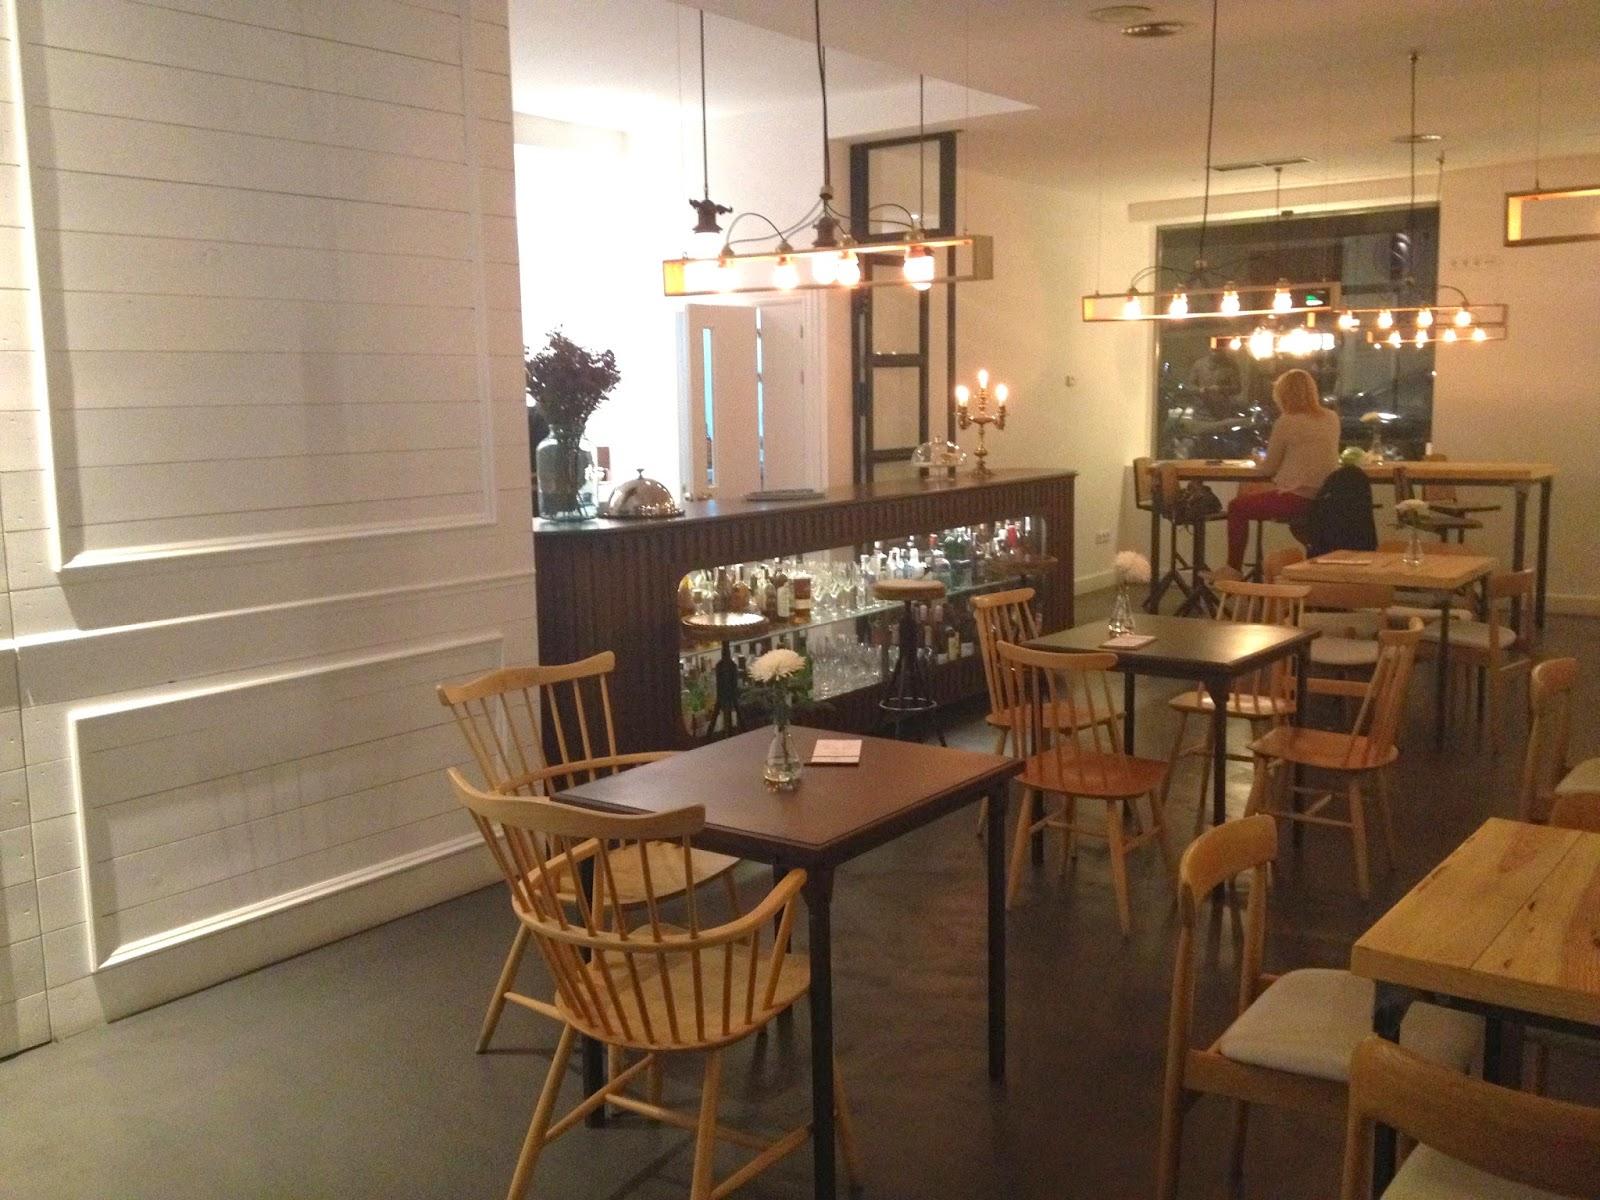 Estamostendenciados un caf en el hotel boutique siete islas - Hotel 7 islas madrid ...